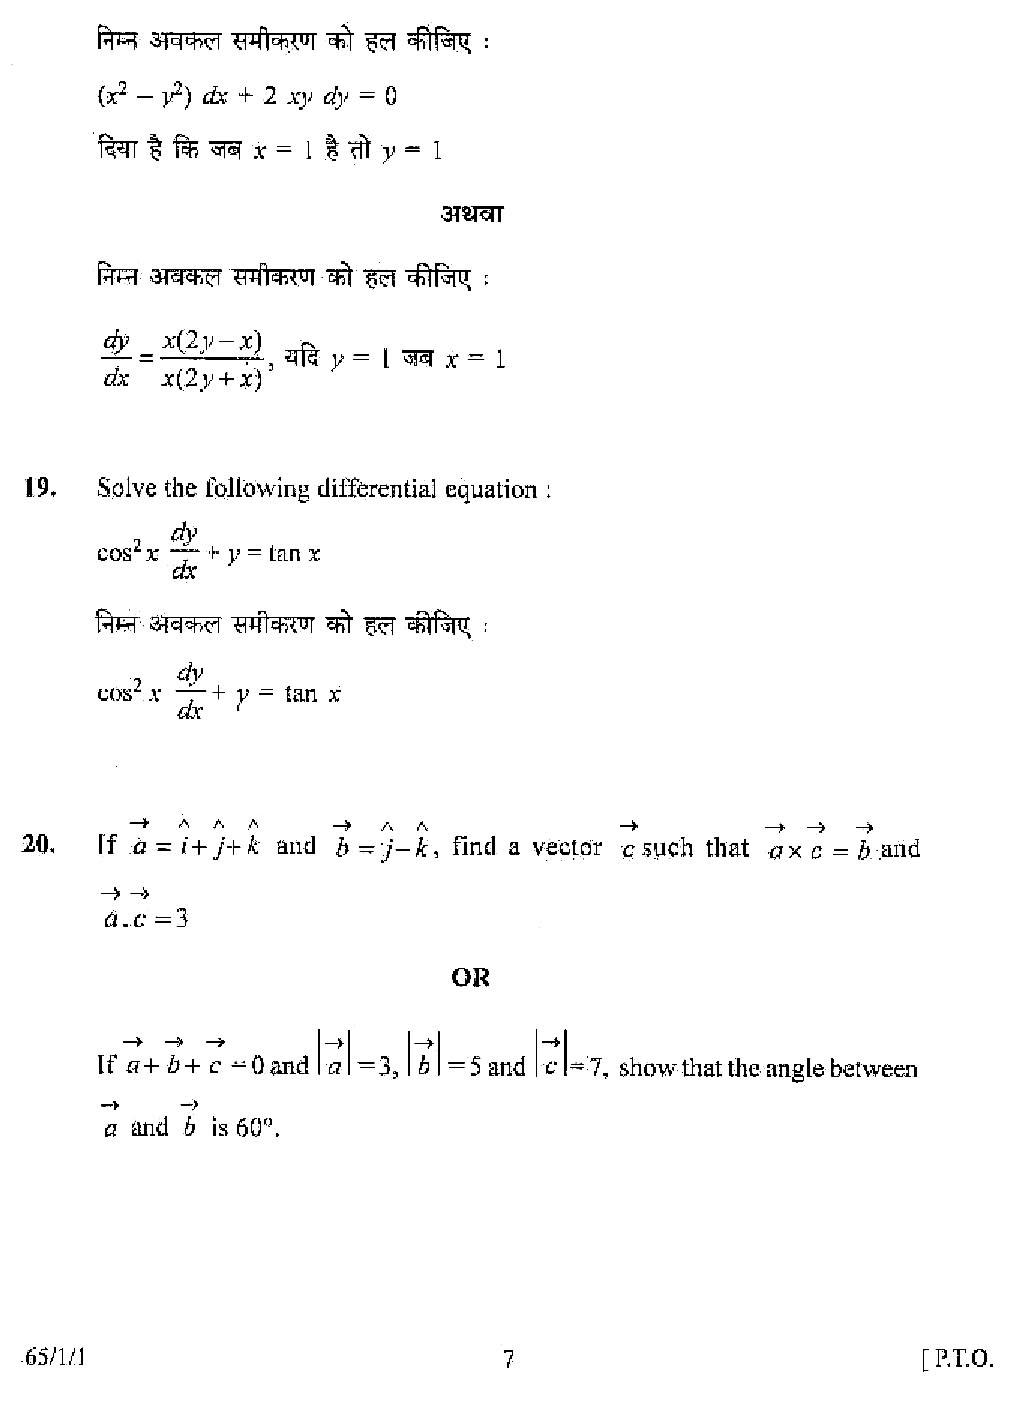 CBSE Class 12 Mathematics 2008 Question Paper